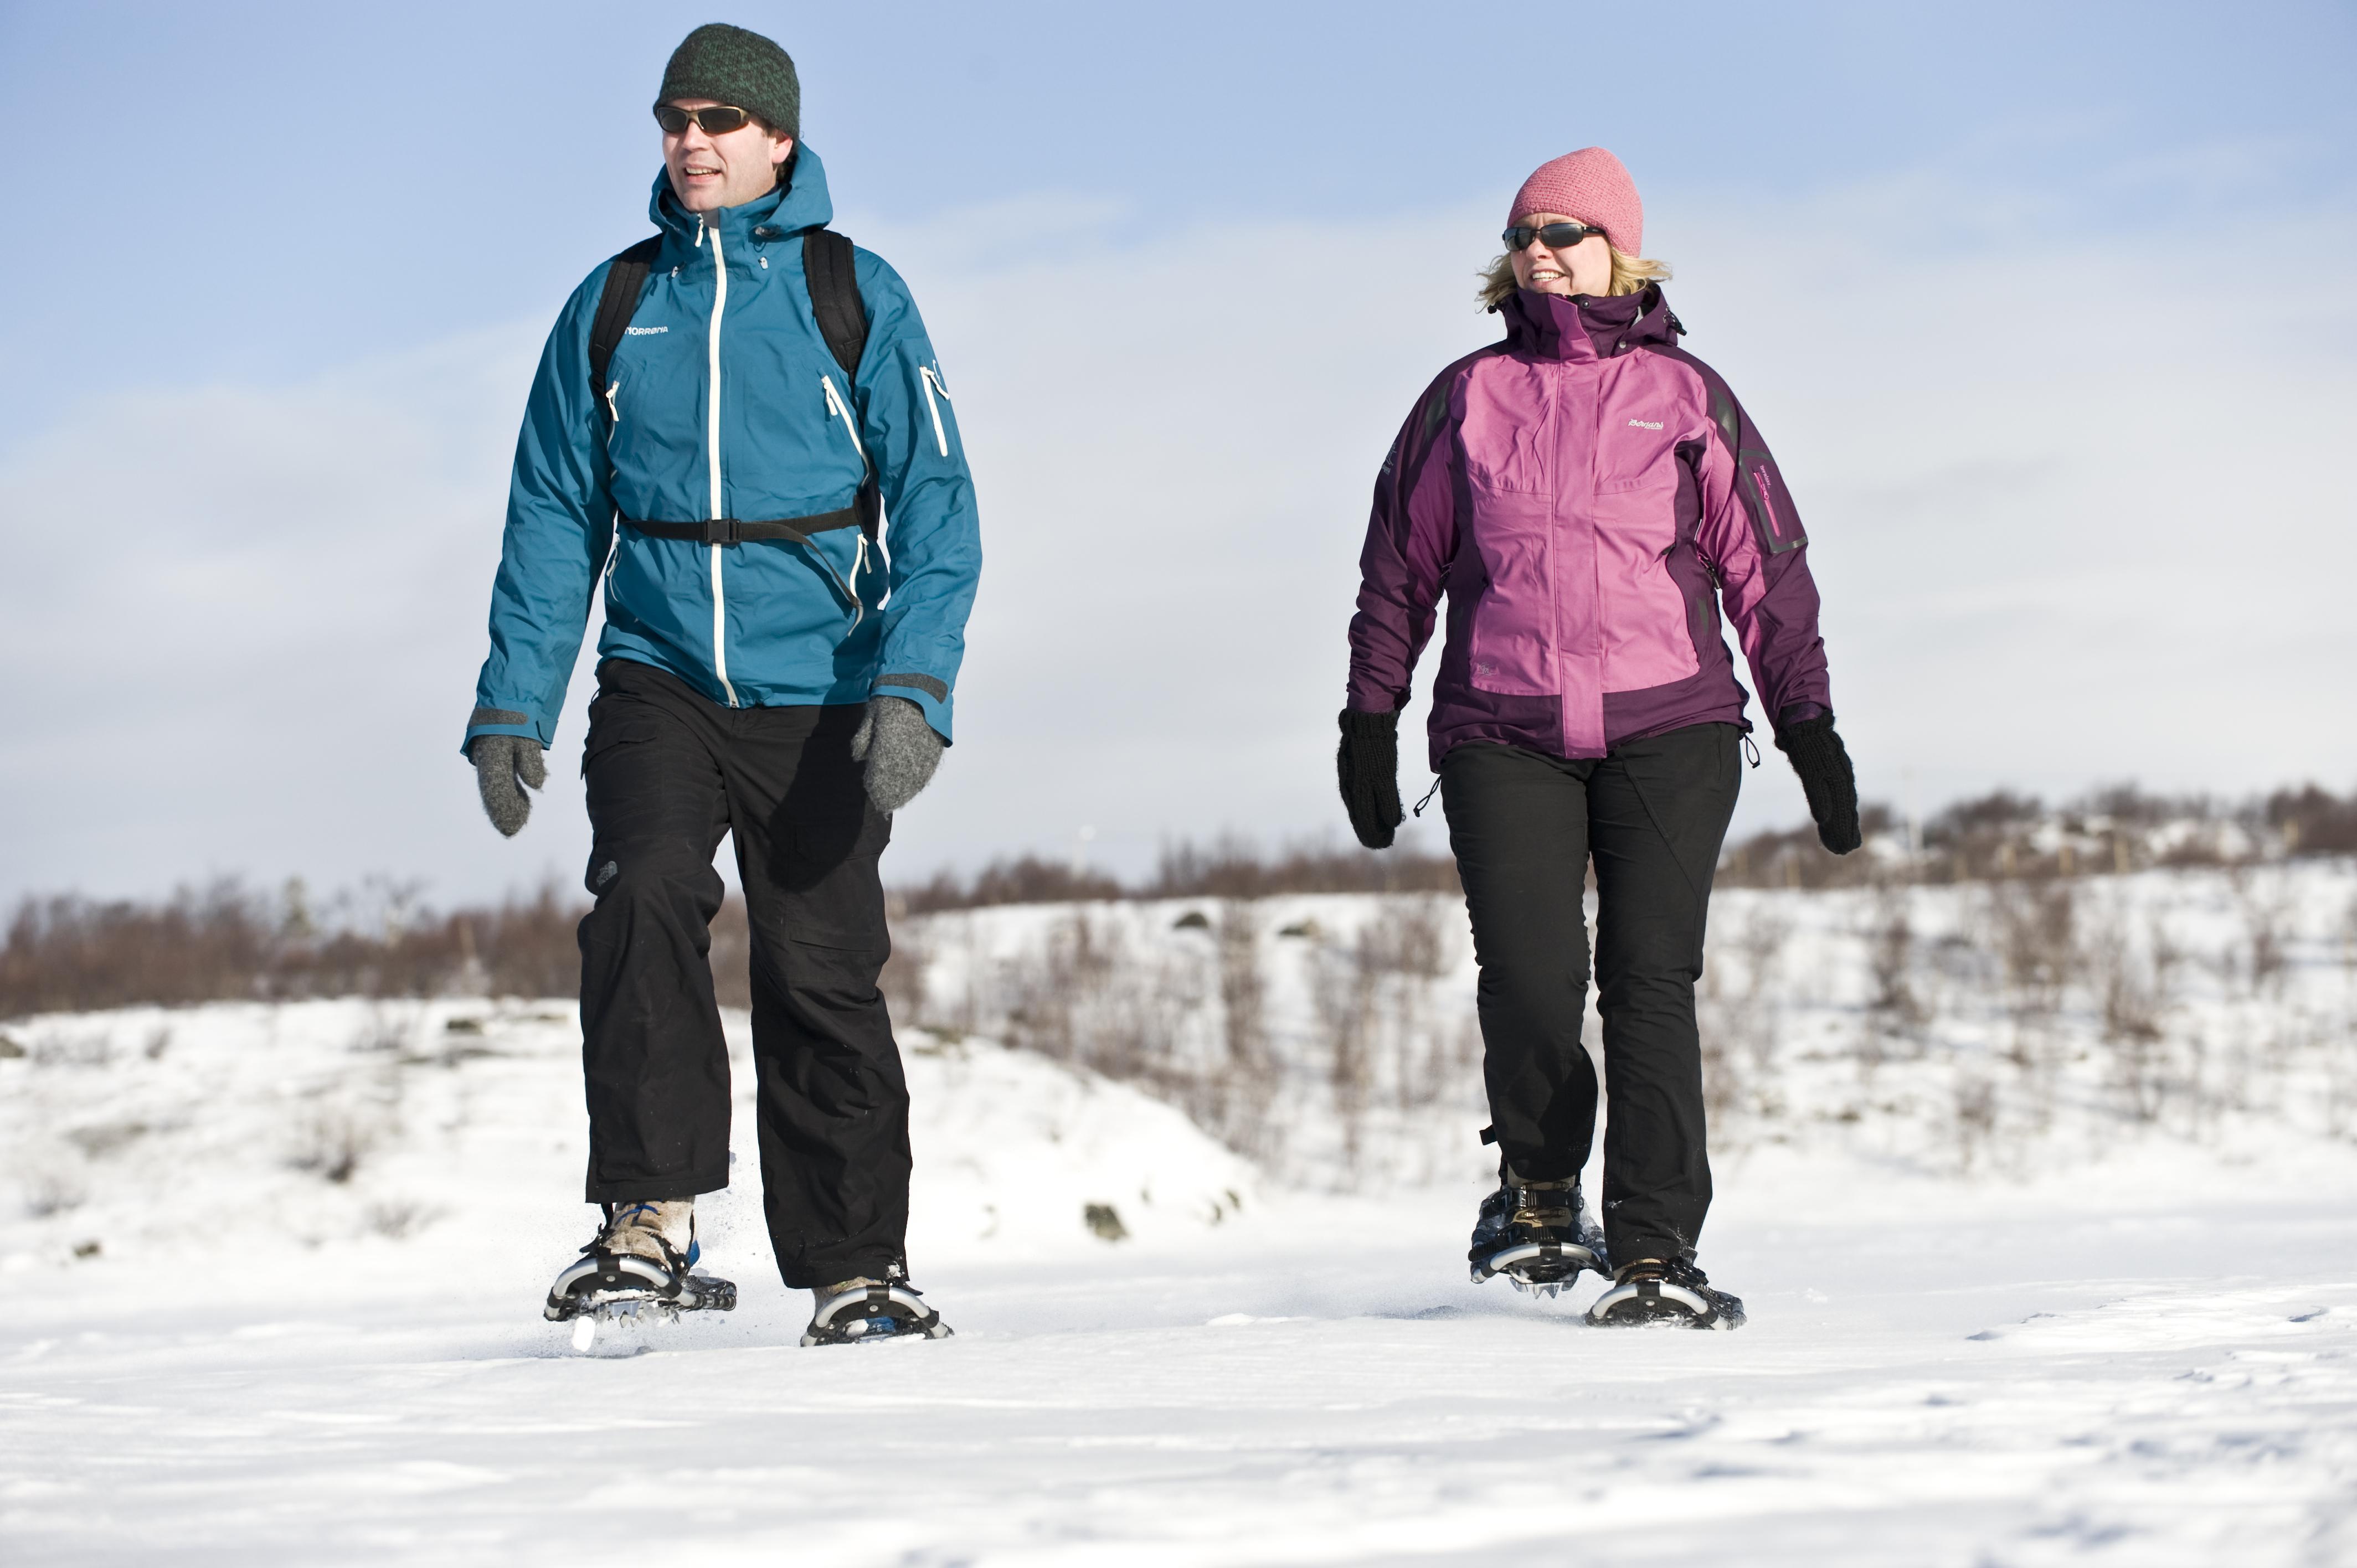 Trugetur er en flott måte å oppleve naturen på, samtidig som det er en svært helseforebyggende aktivitet.  , © Terje Rakke/Nordic life/www.visitnorway.com